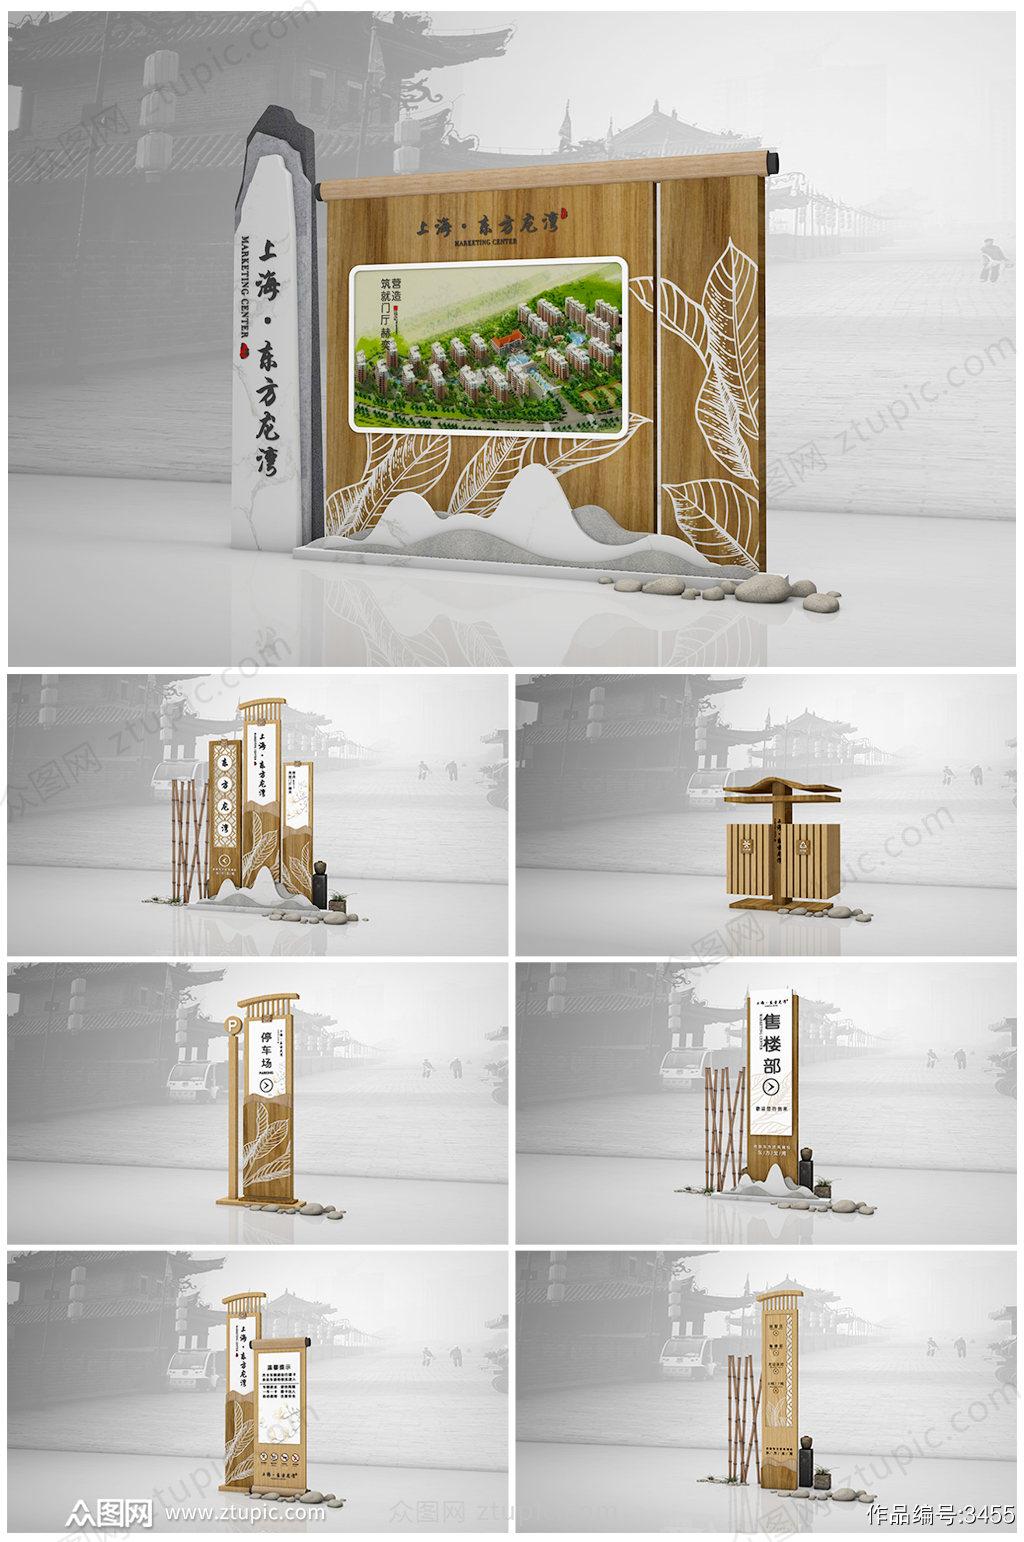 复古木质古镇公园景区导视系统标识规划设计地产导视素材